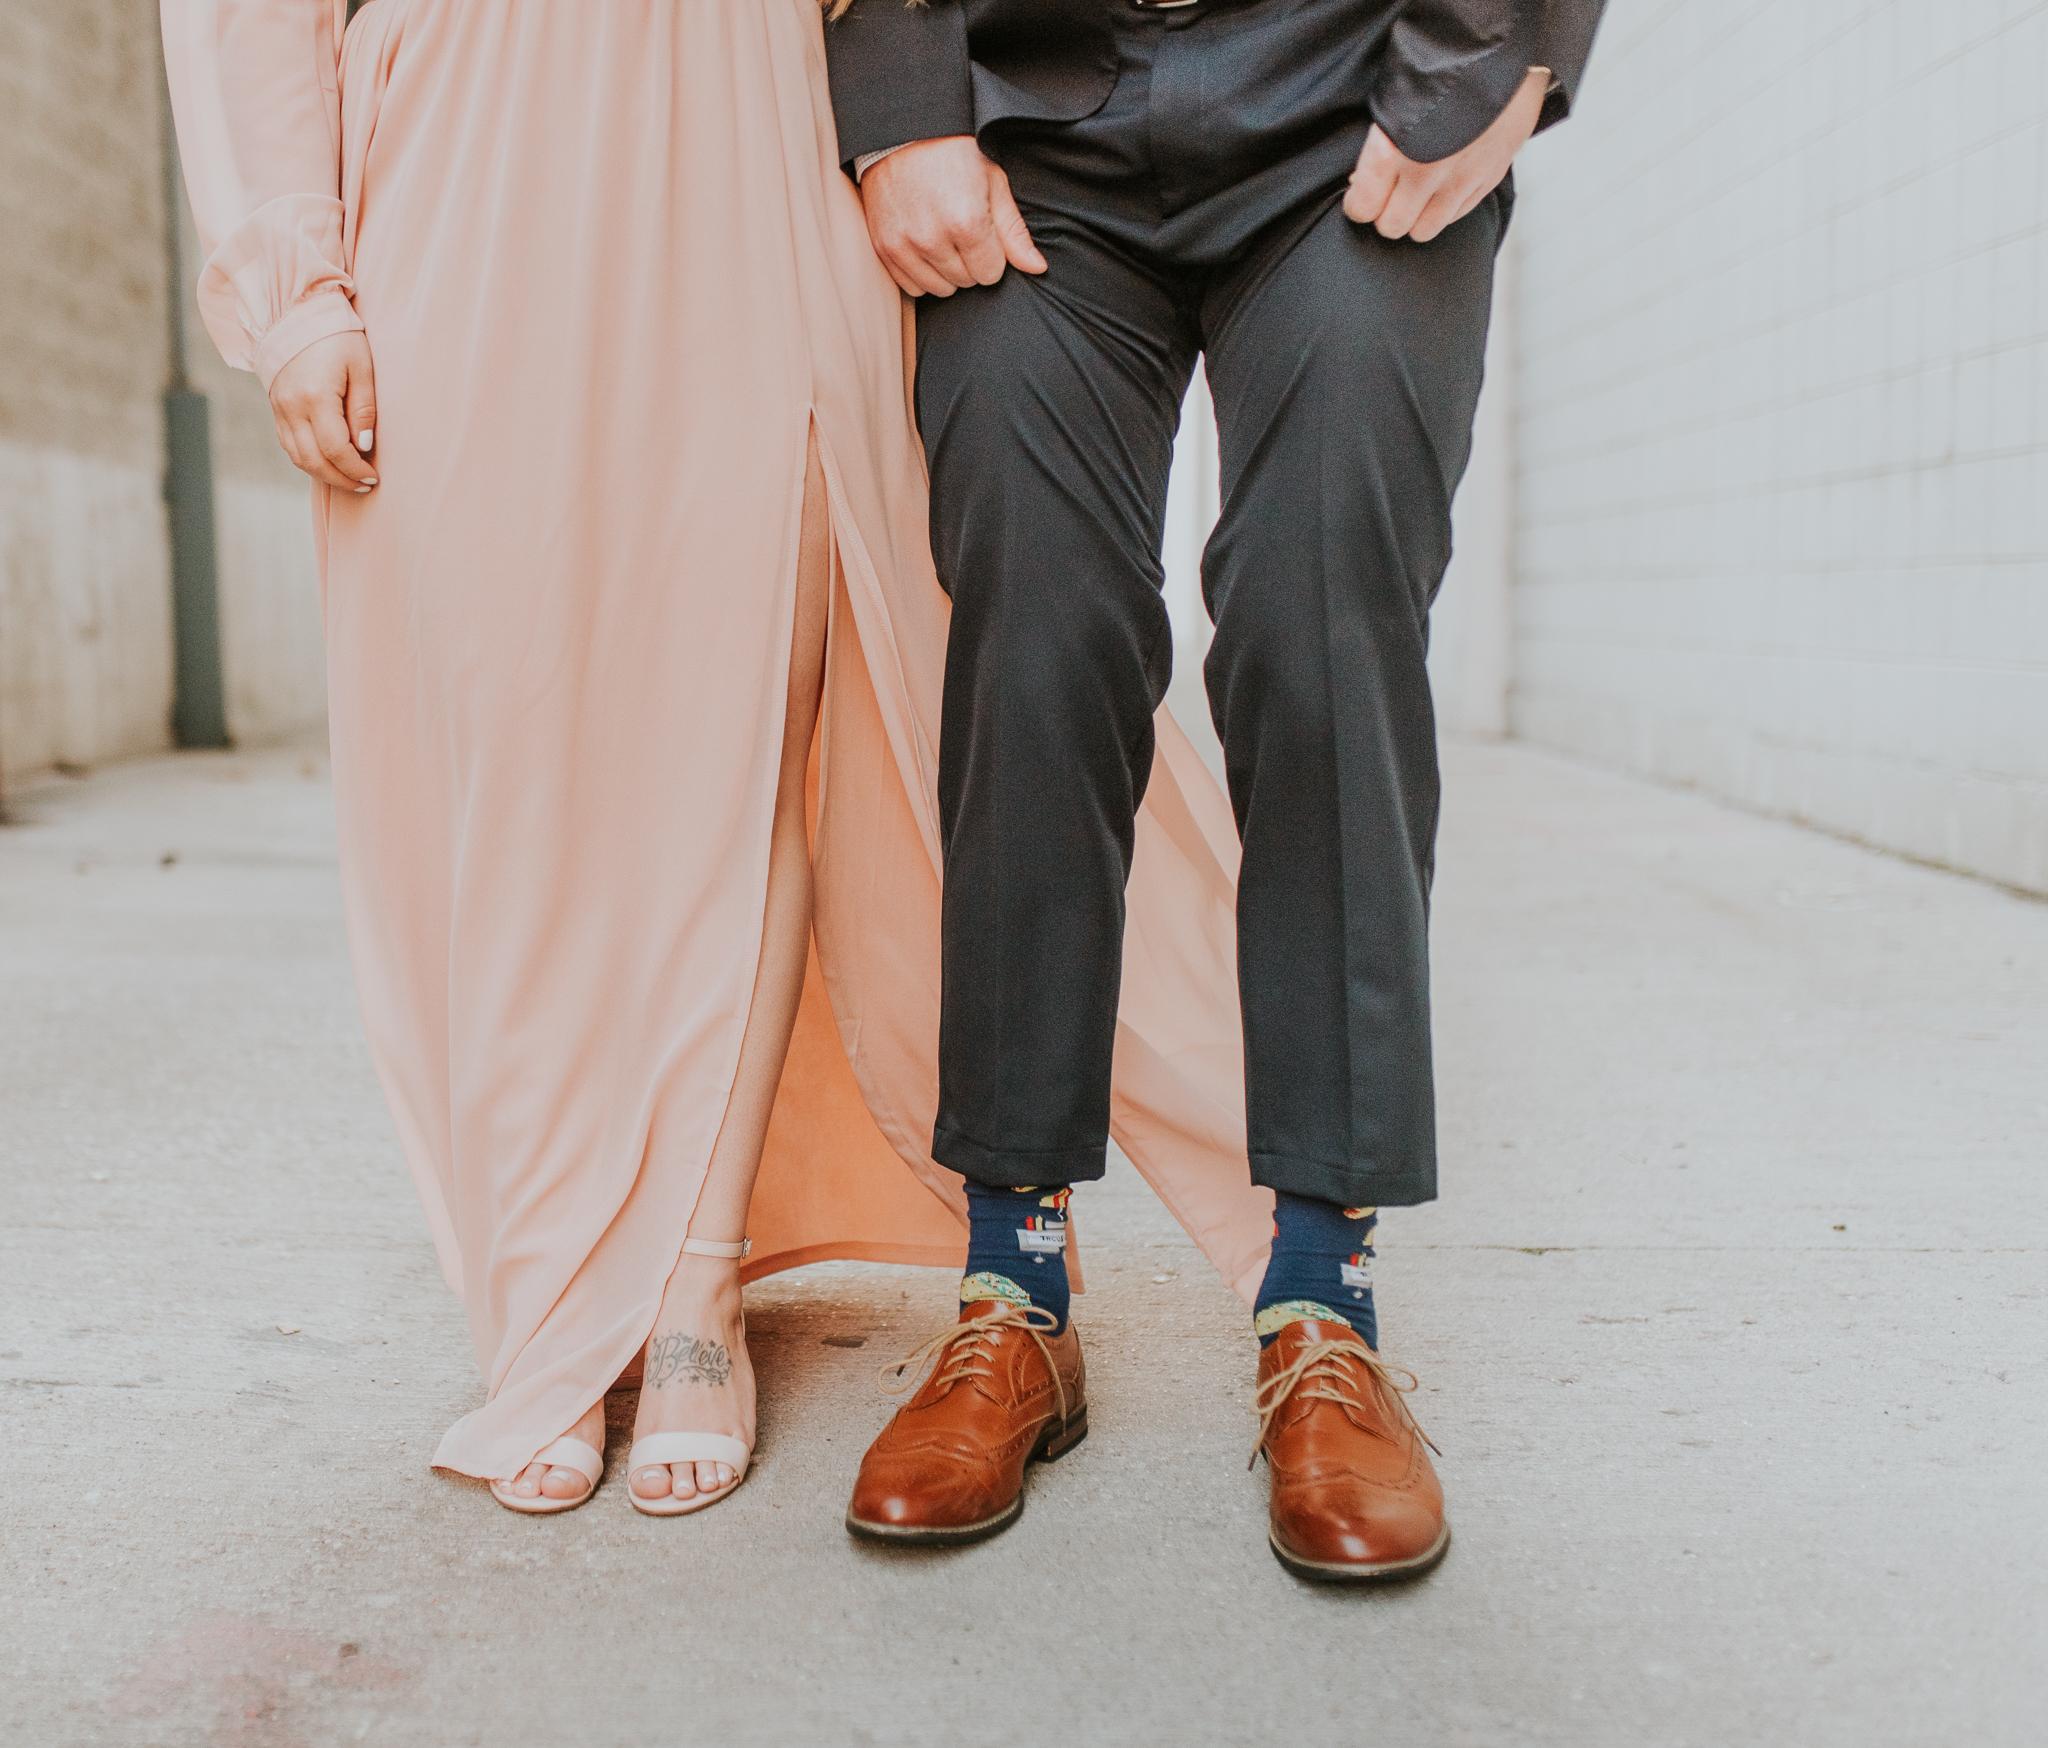 WEST LOOP ENGAGEMENT SESSION | CHICAGO ILLINOIS | KENOSHA WISCONSIN | WEDDINGS | LISH MARIE PHOTO-67.jpg